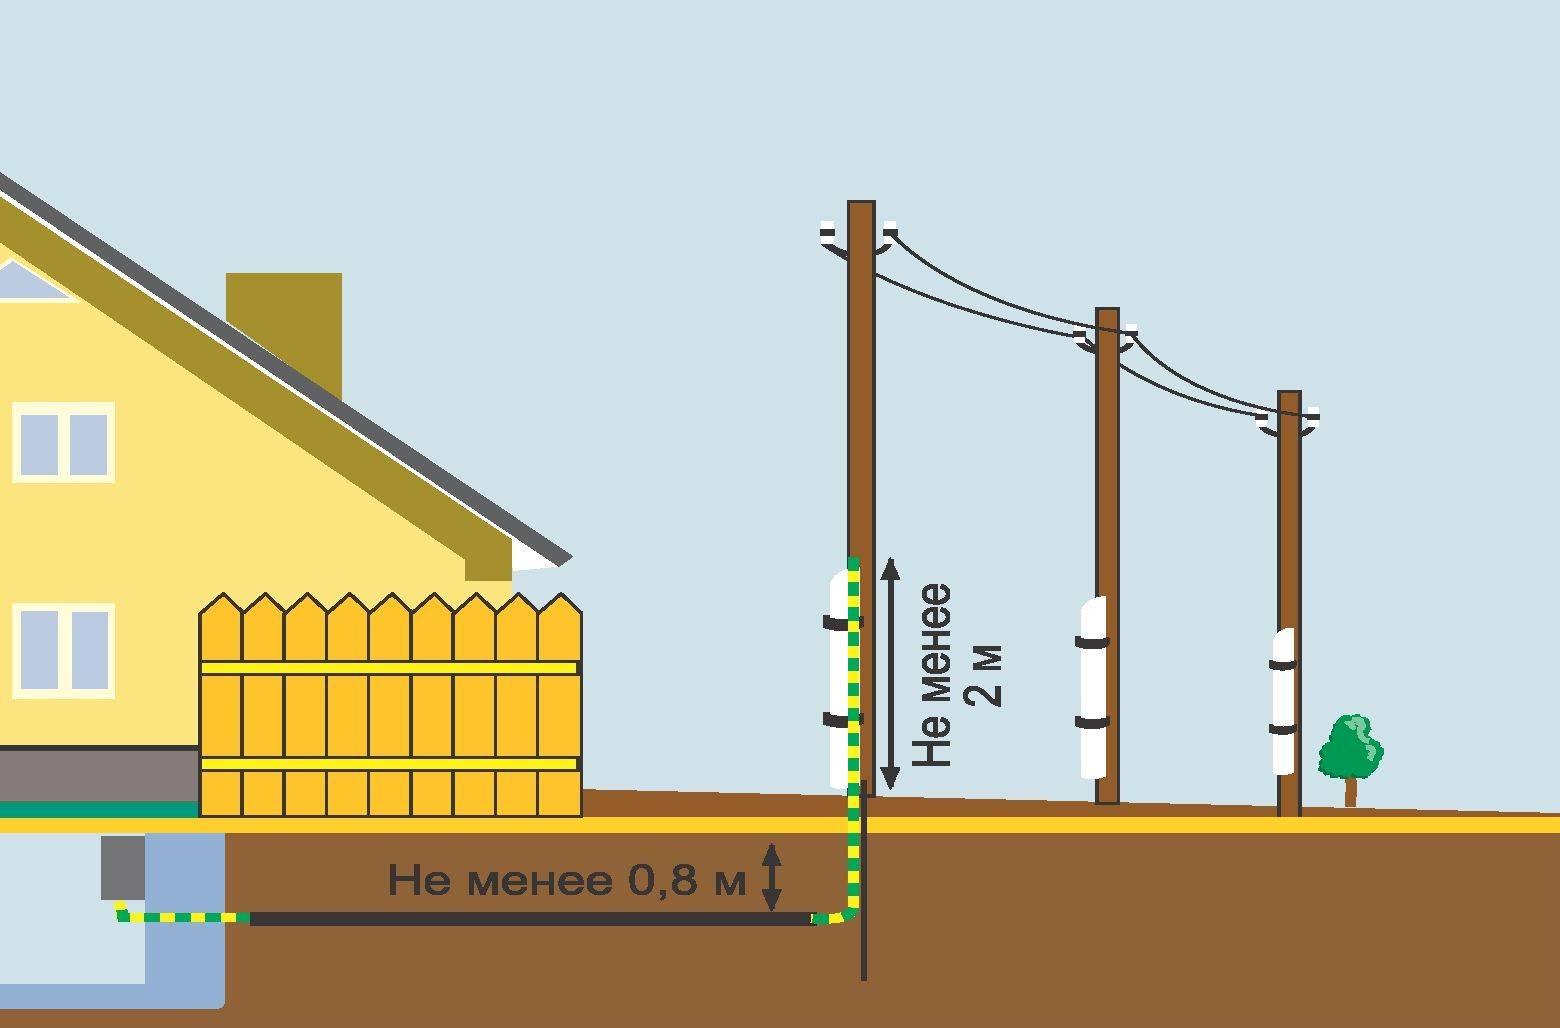 Прокладка кабеля в земле: как проложить в траншее, какой кабель нужен